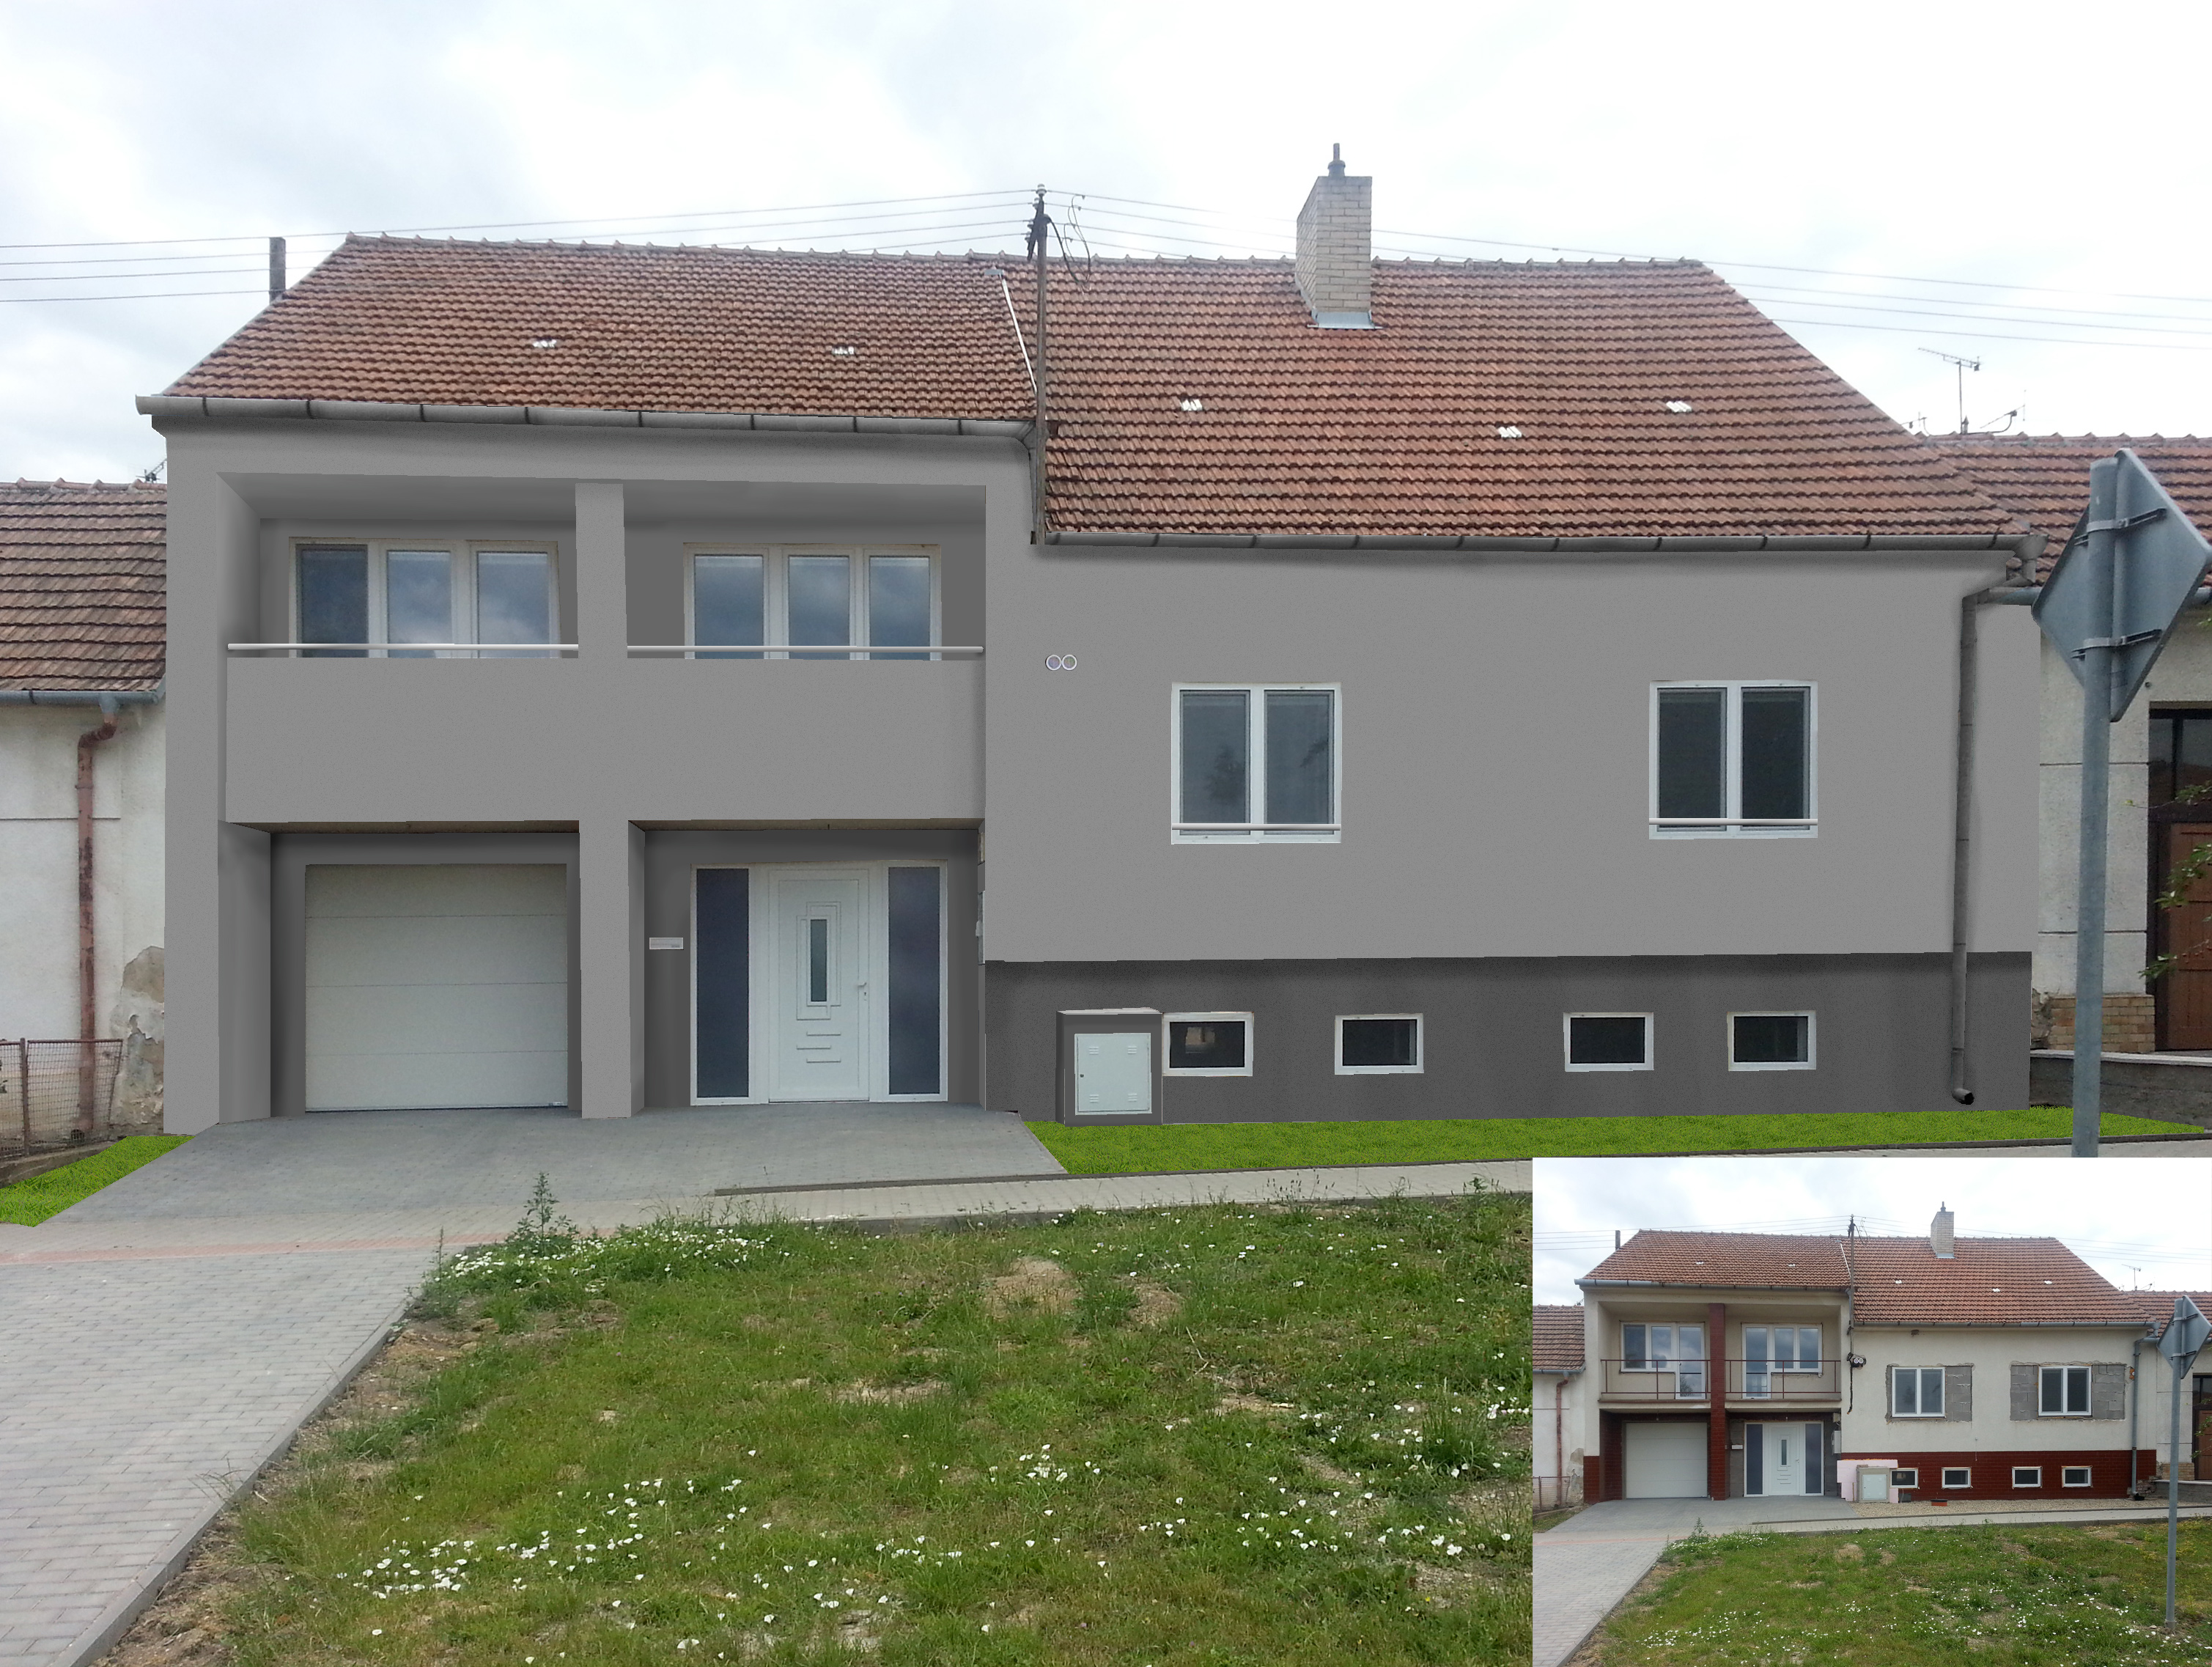 Vizualizace návrhu fasády na rodinném domě